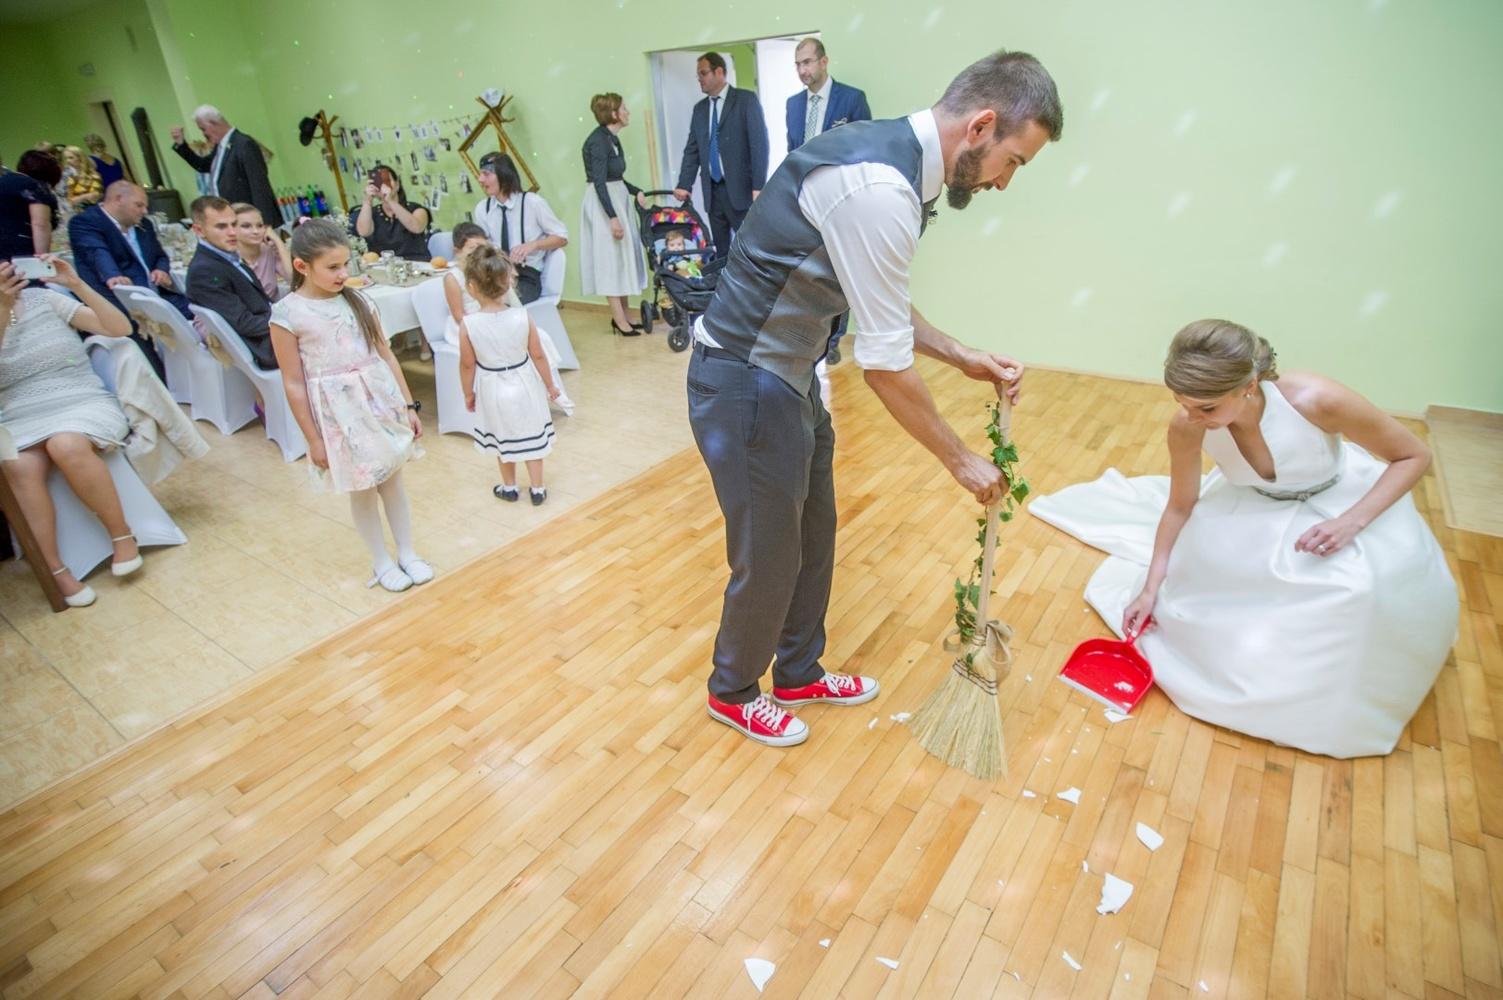 http://www.fotoz.sk/images/gallery-8/normal/eskuvoi-fotos_svadobny-fotograf_492.jpg